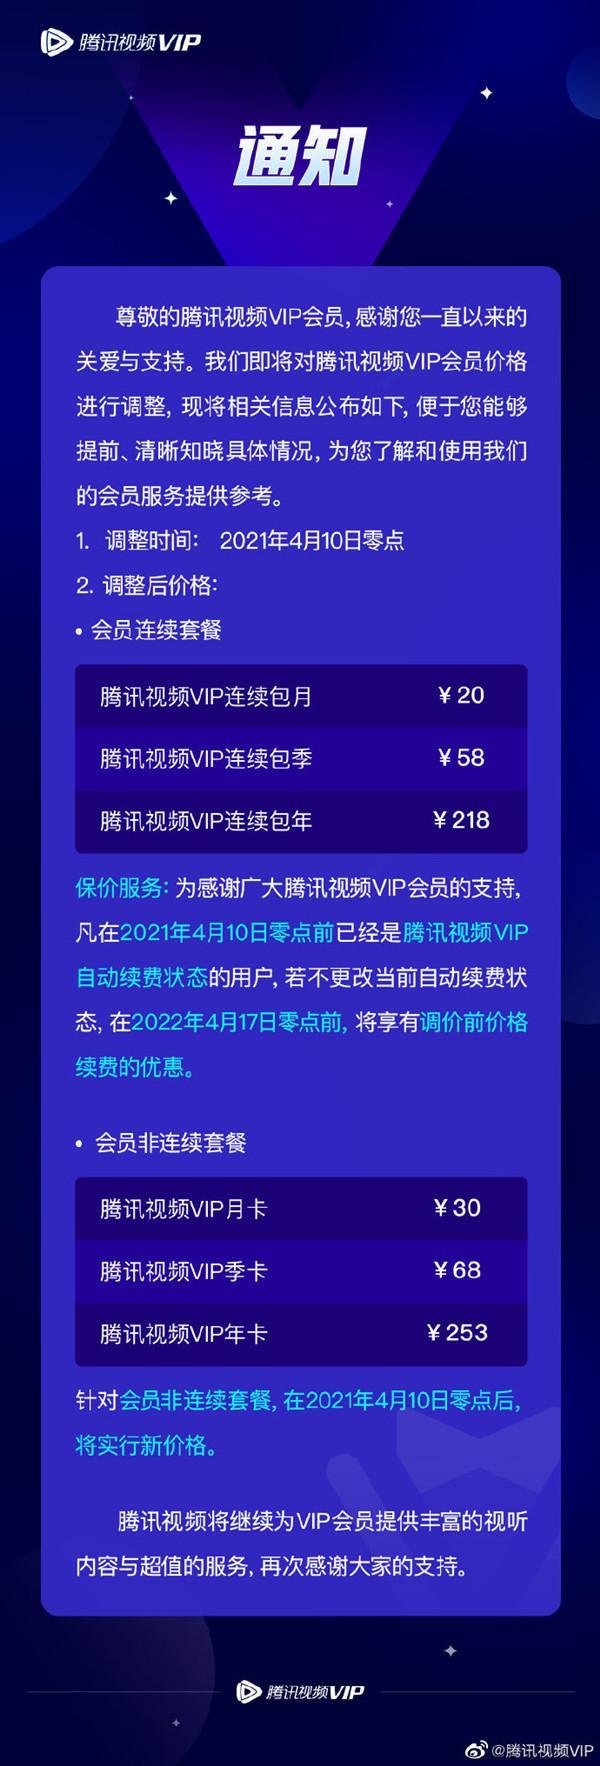 """腾迅视频VIPvip会员价格上涨是笔""""大买卖"""""""